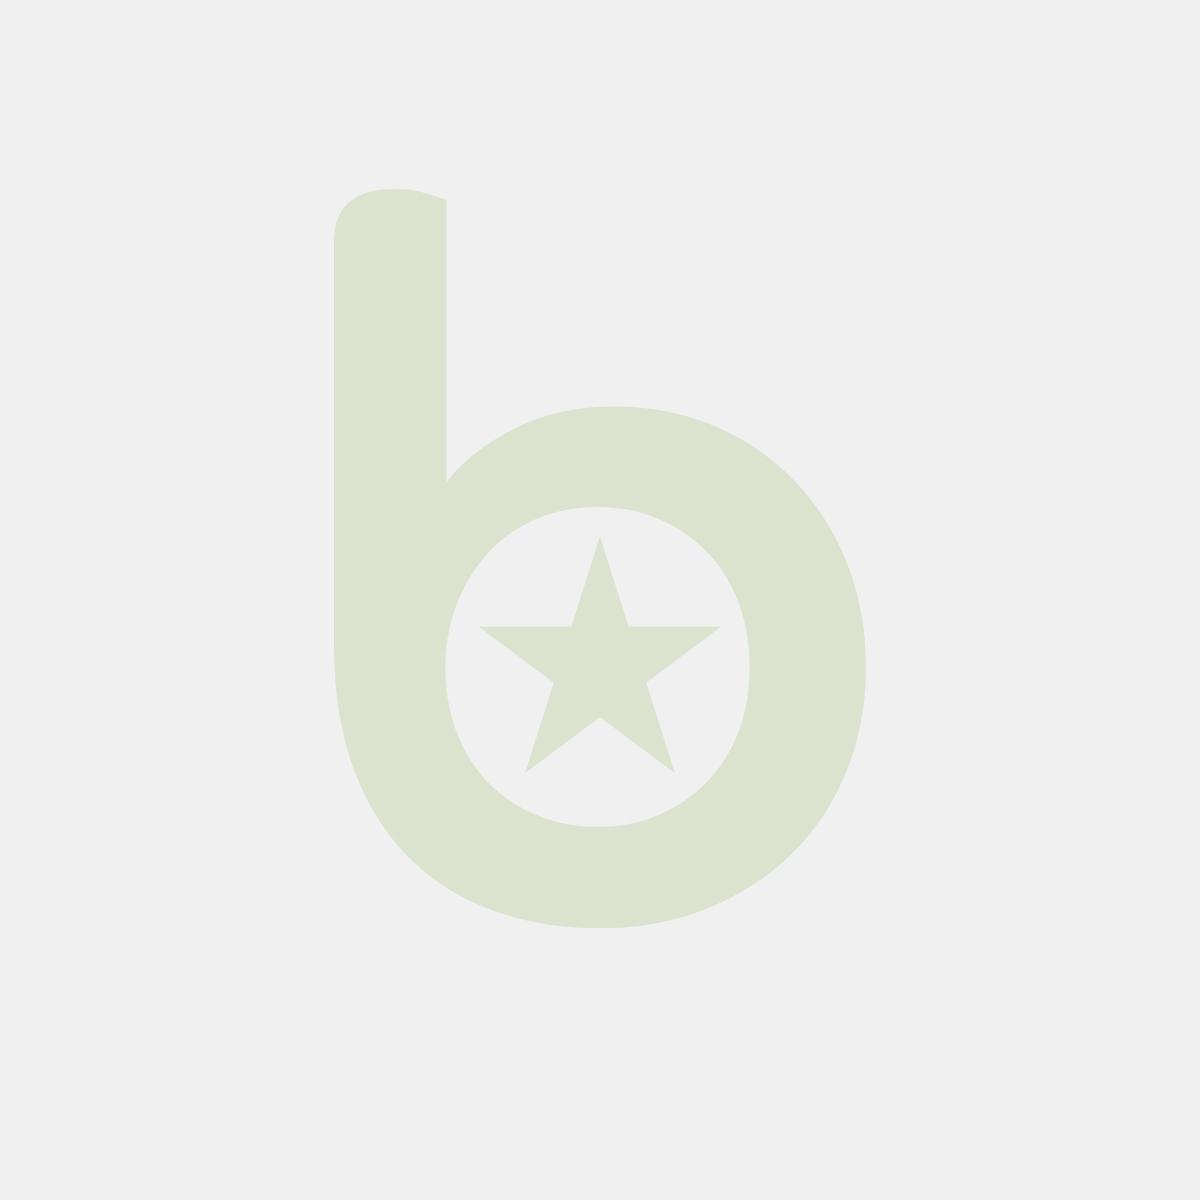 FINGERFOOD - ŁÓDKA 24x11,5x2,7cm, miseczka drewniana op. 50 sztuk